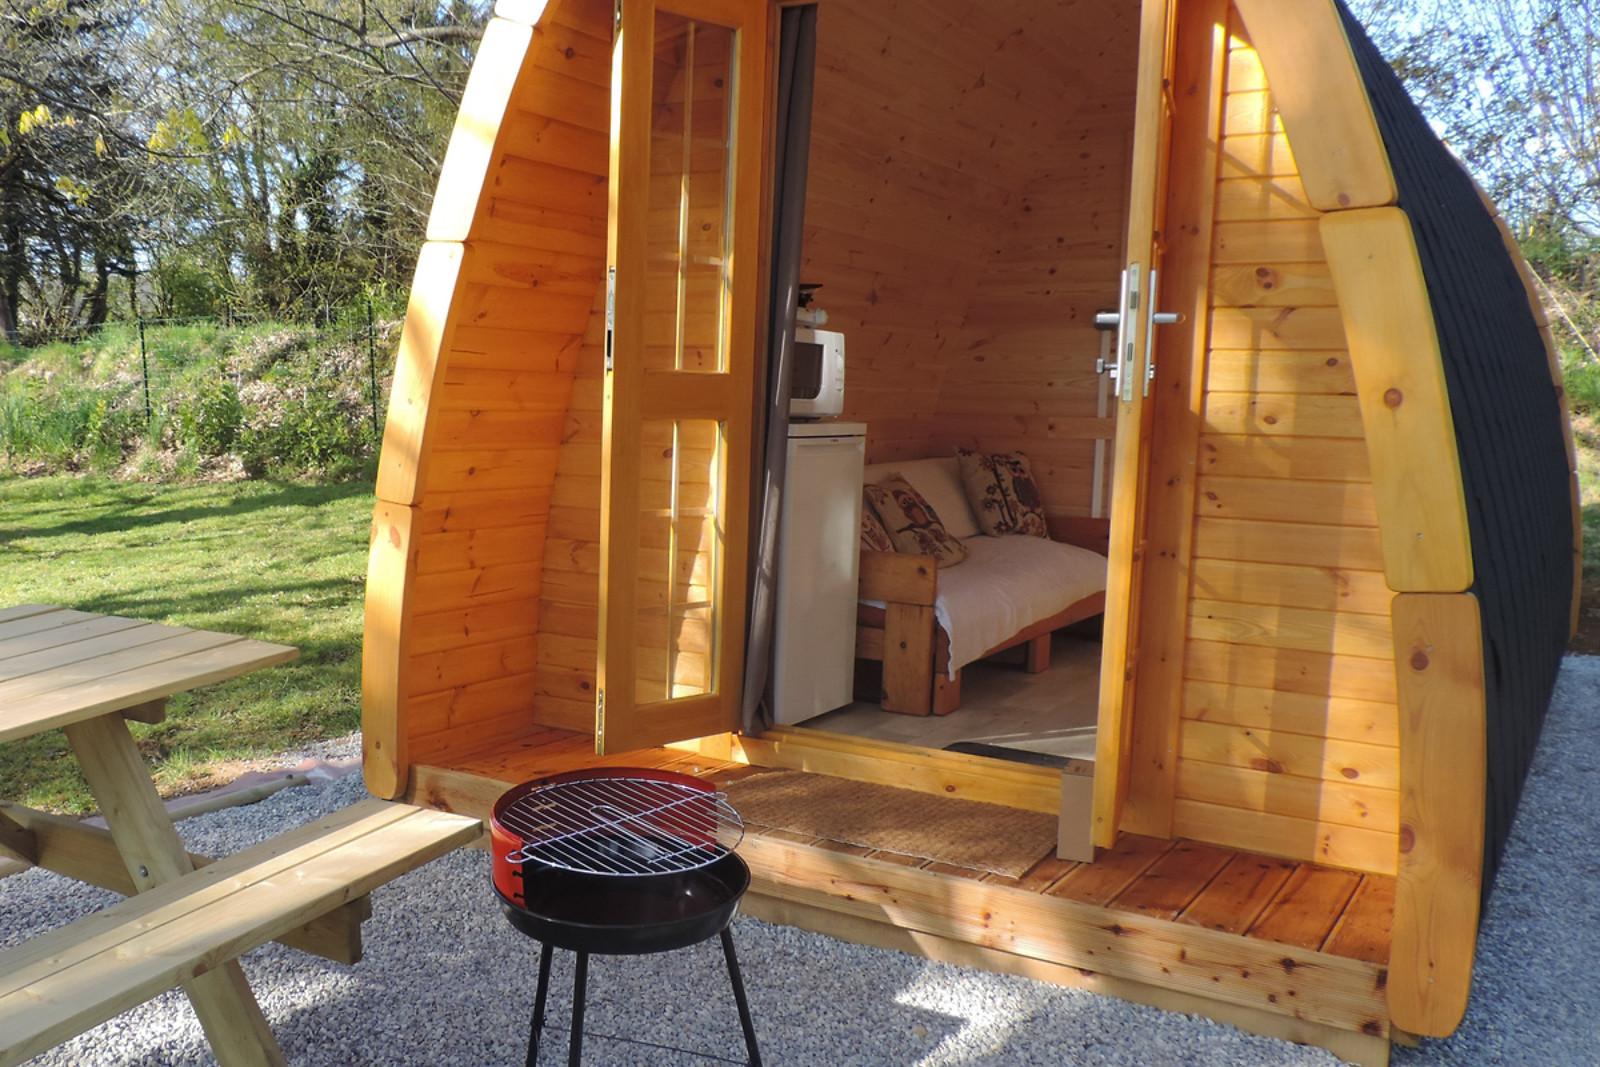 une nuit dans un pod au camping central brittany lango lan 56 wonderbox. Black Bedroom Furniture Sets. Home Design Ideas